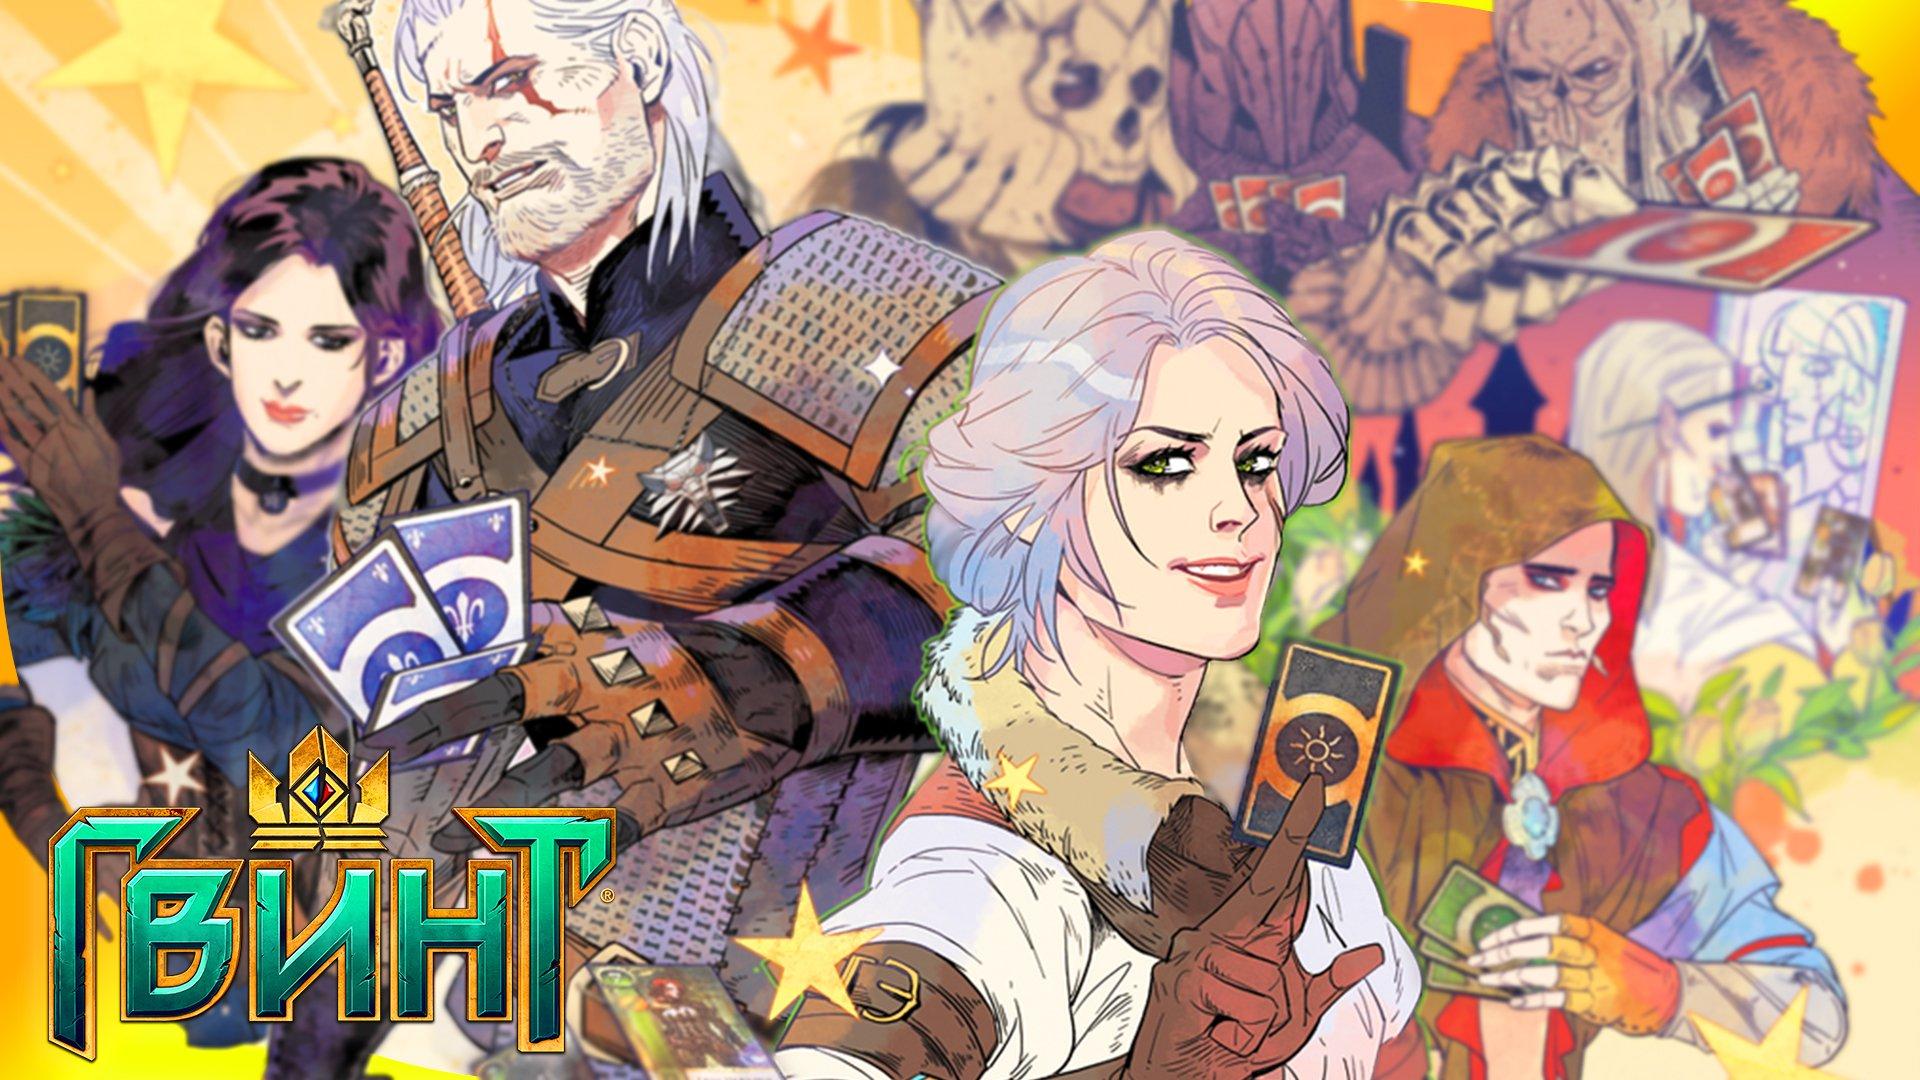 ГВИНТ: Ведьмак ✦ Карточная игра - История и Геймплейный обзор на первый взгляд ► Бета  - Изображение 1